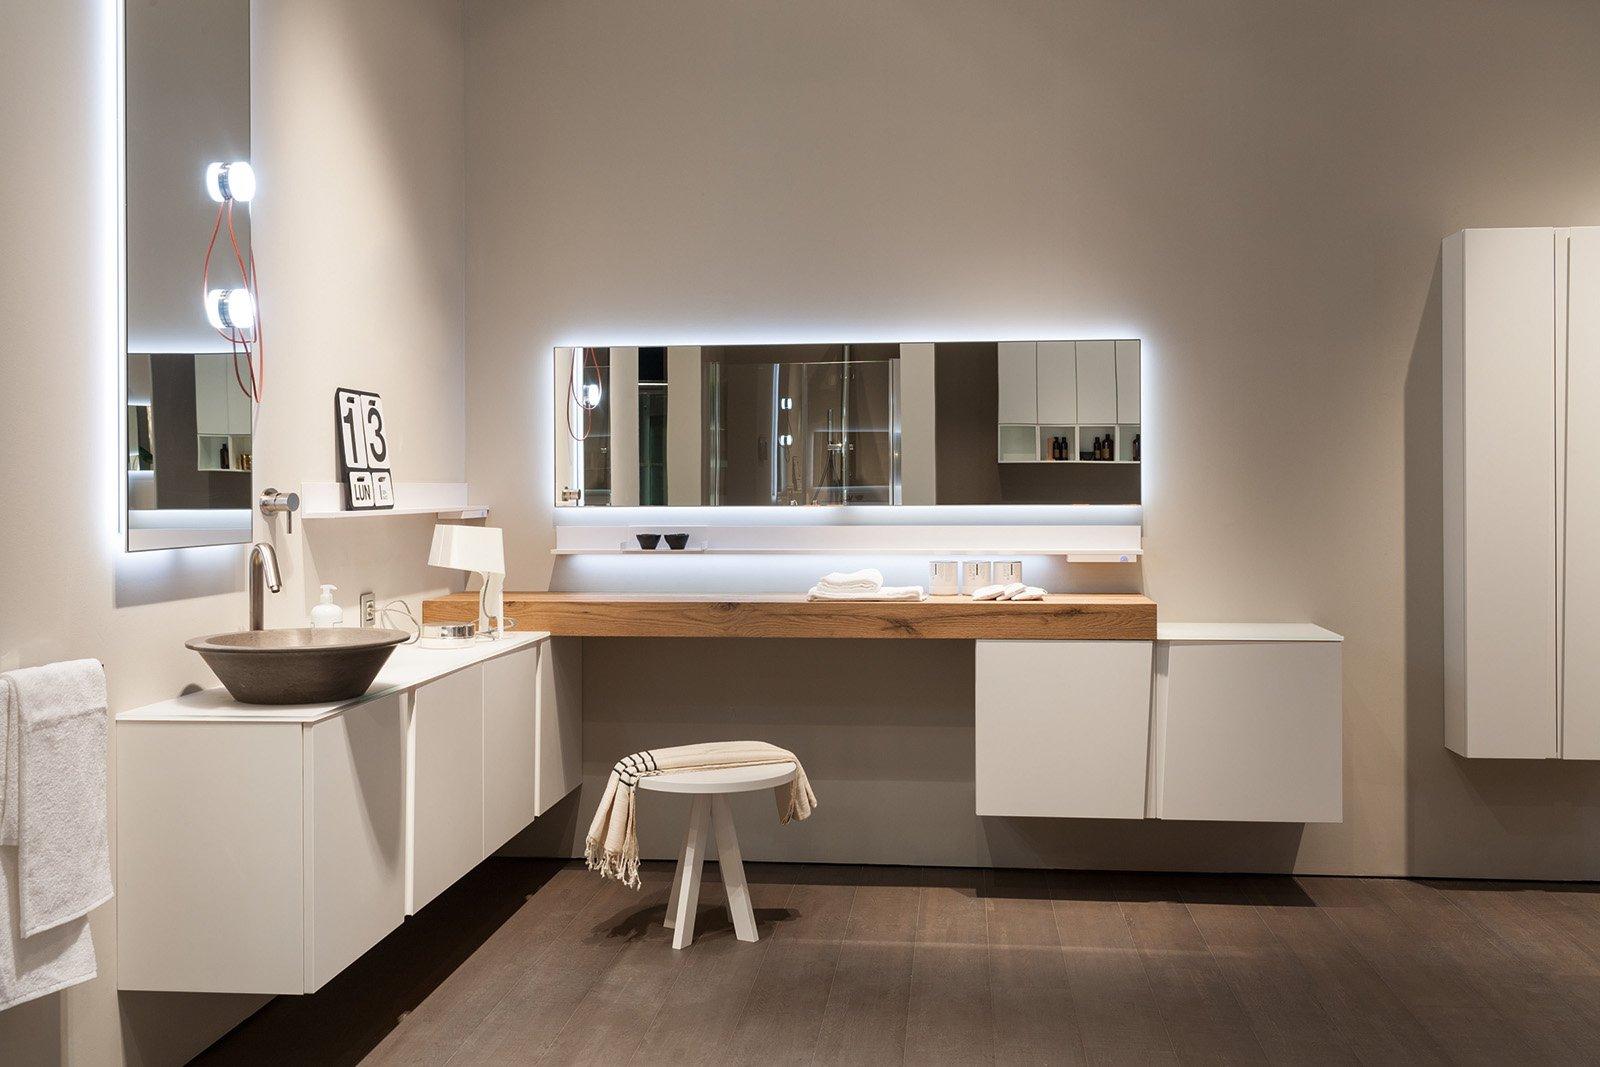 Specchi per il bagno cose di casa - Luci per bagno design ...